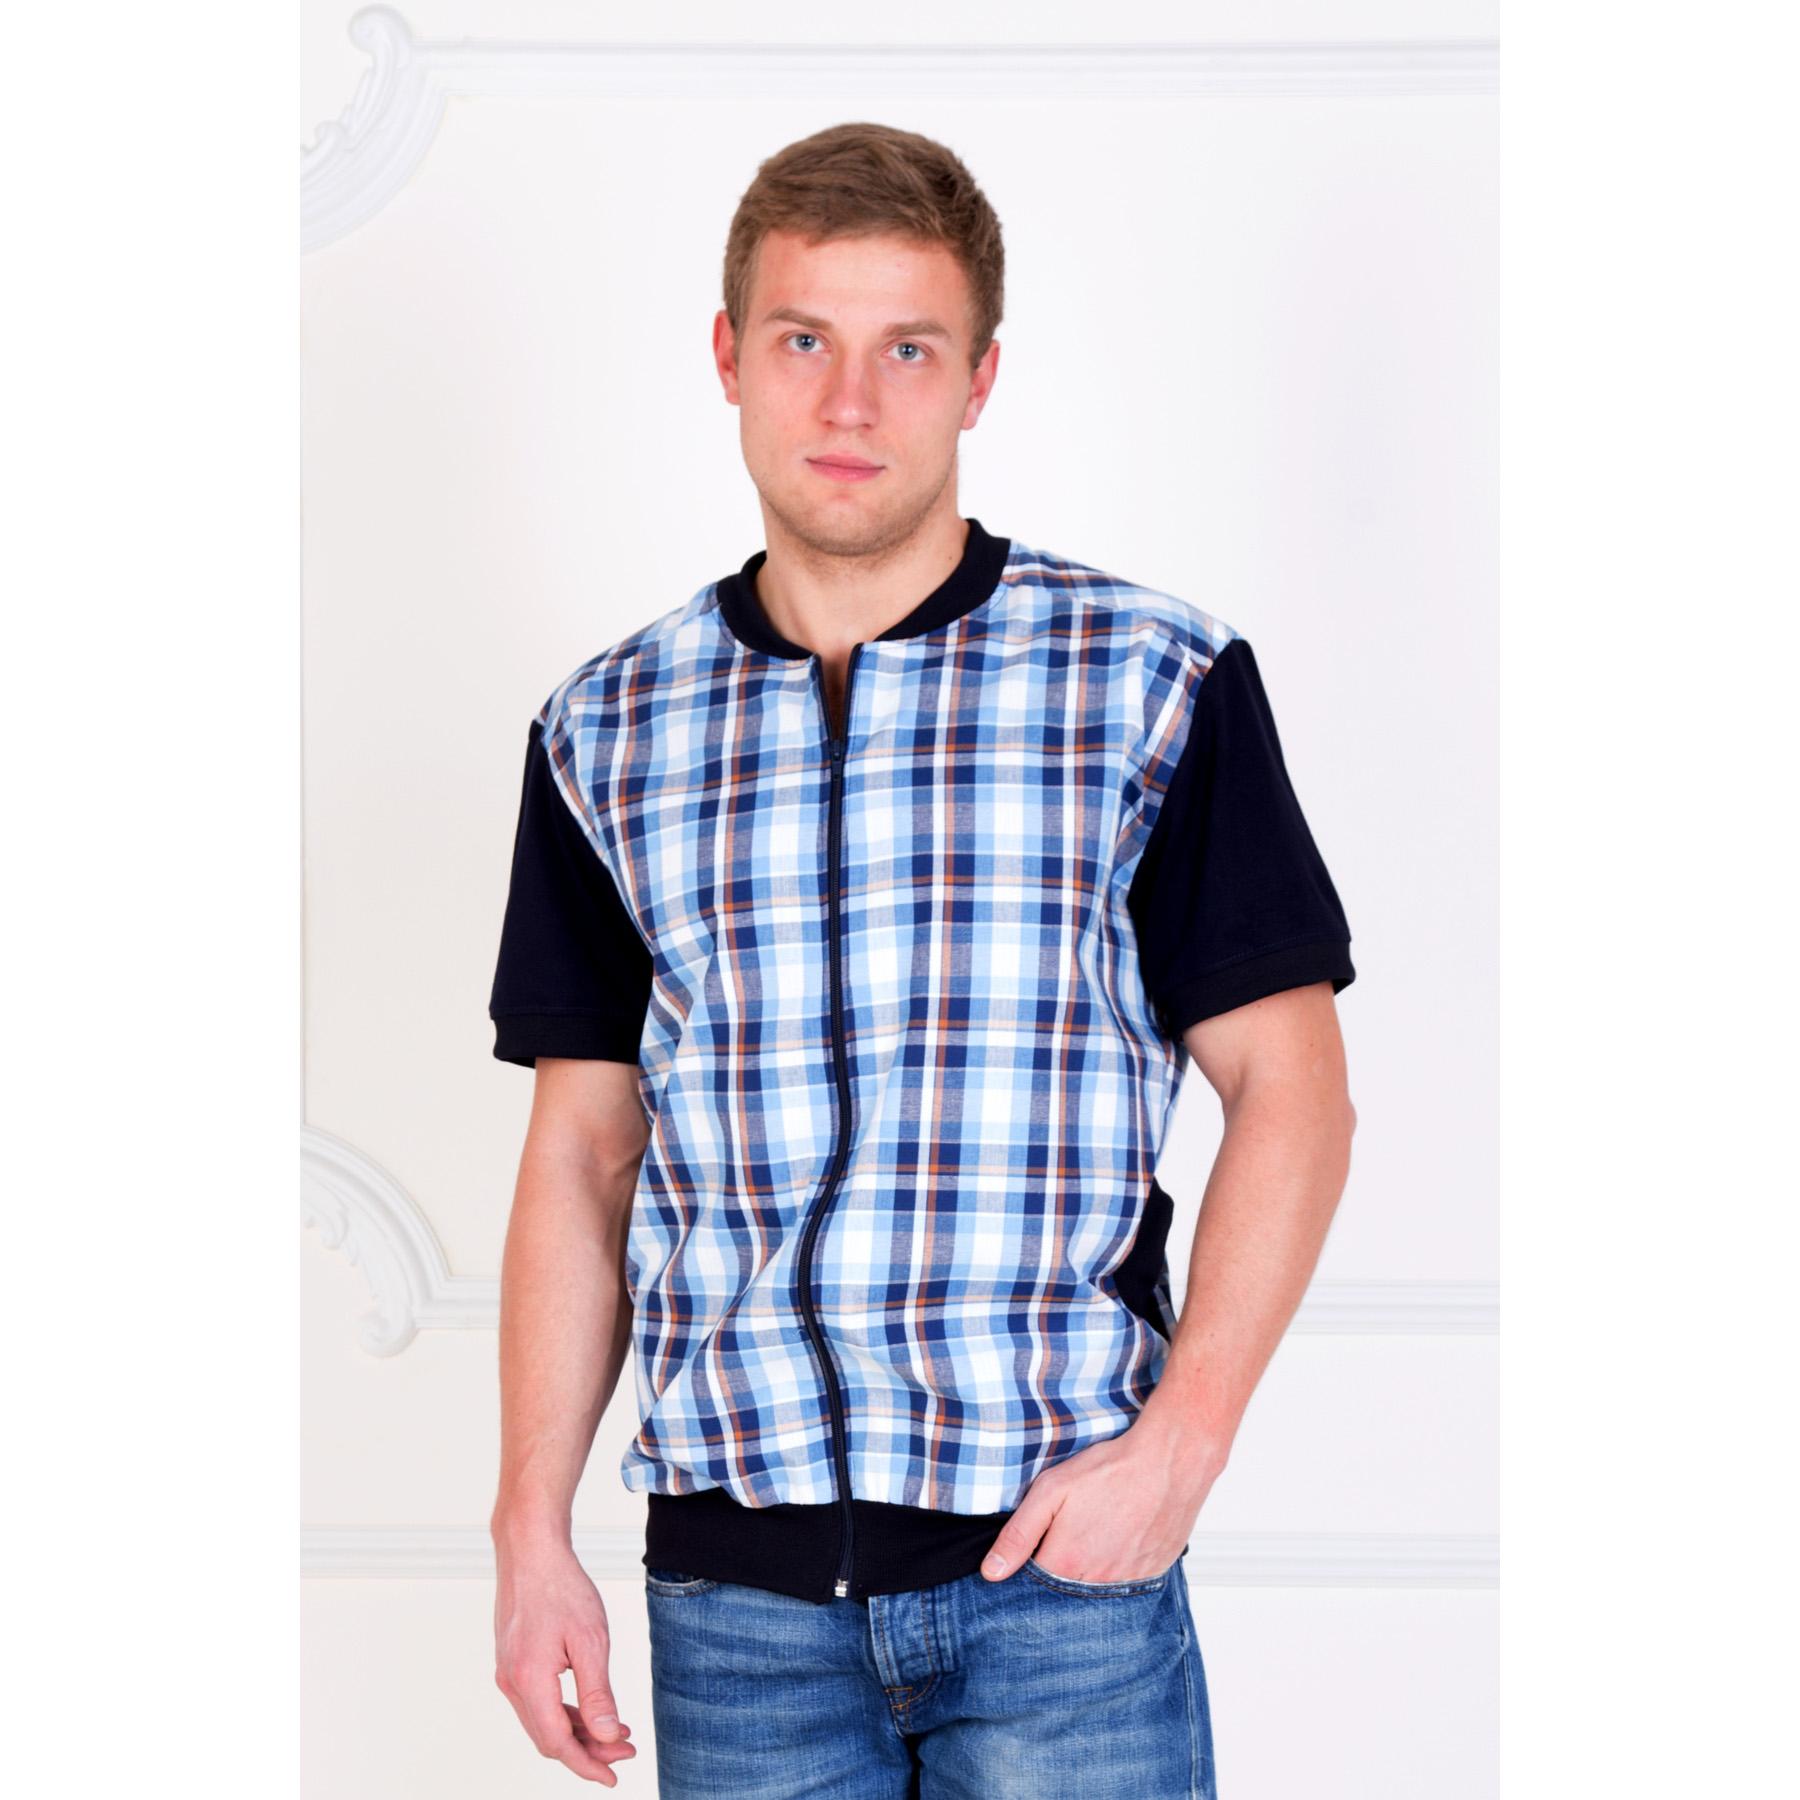 Мужская рубашка Аполлон арт. 0029, размер 46Рубашки<br>Обхват груди: 92 см <br>Обхват талии: 84 см <br>Обхват бедер: 100 см <br>Рост: 172-180 см<br><br>Тип: Муж. рубашка<br>Размер: 46<br>Материал: Шотландка